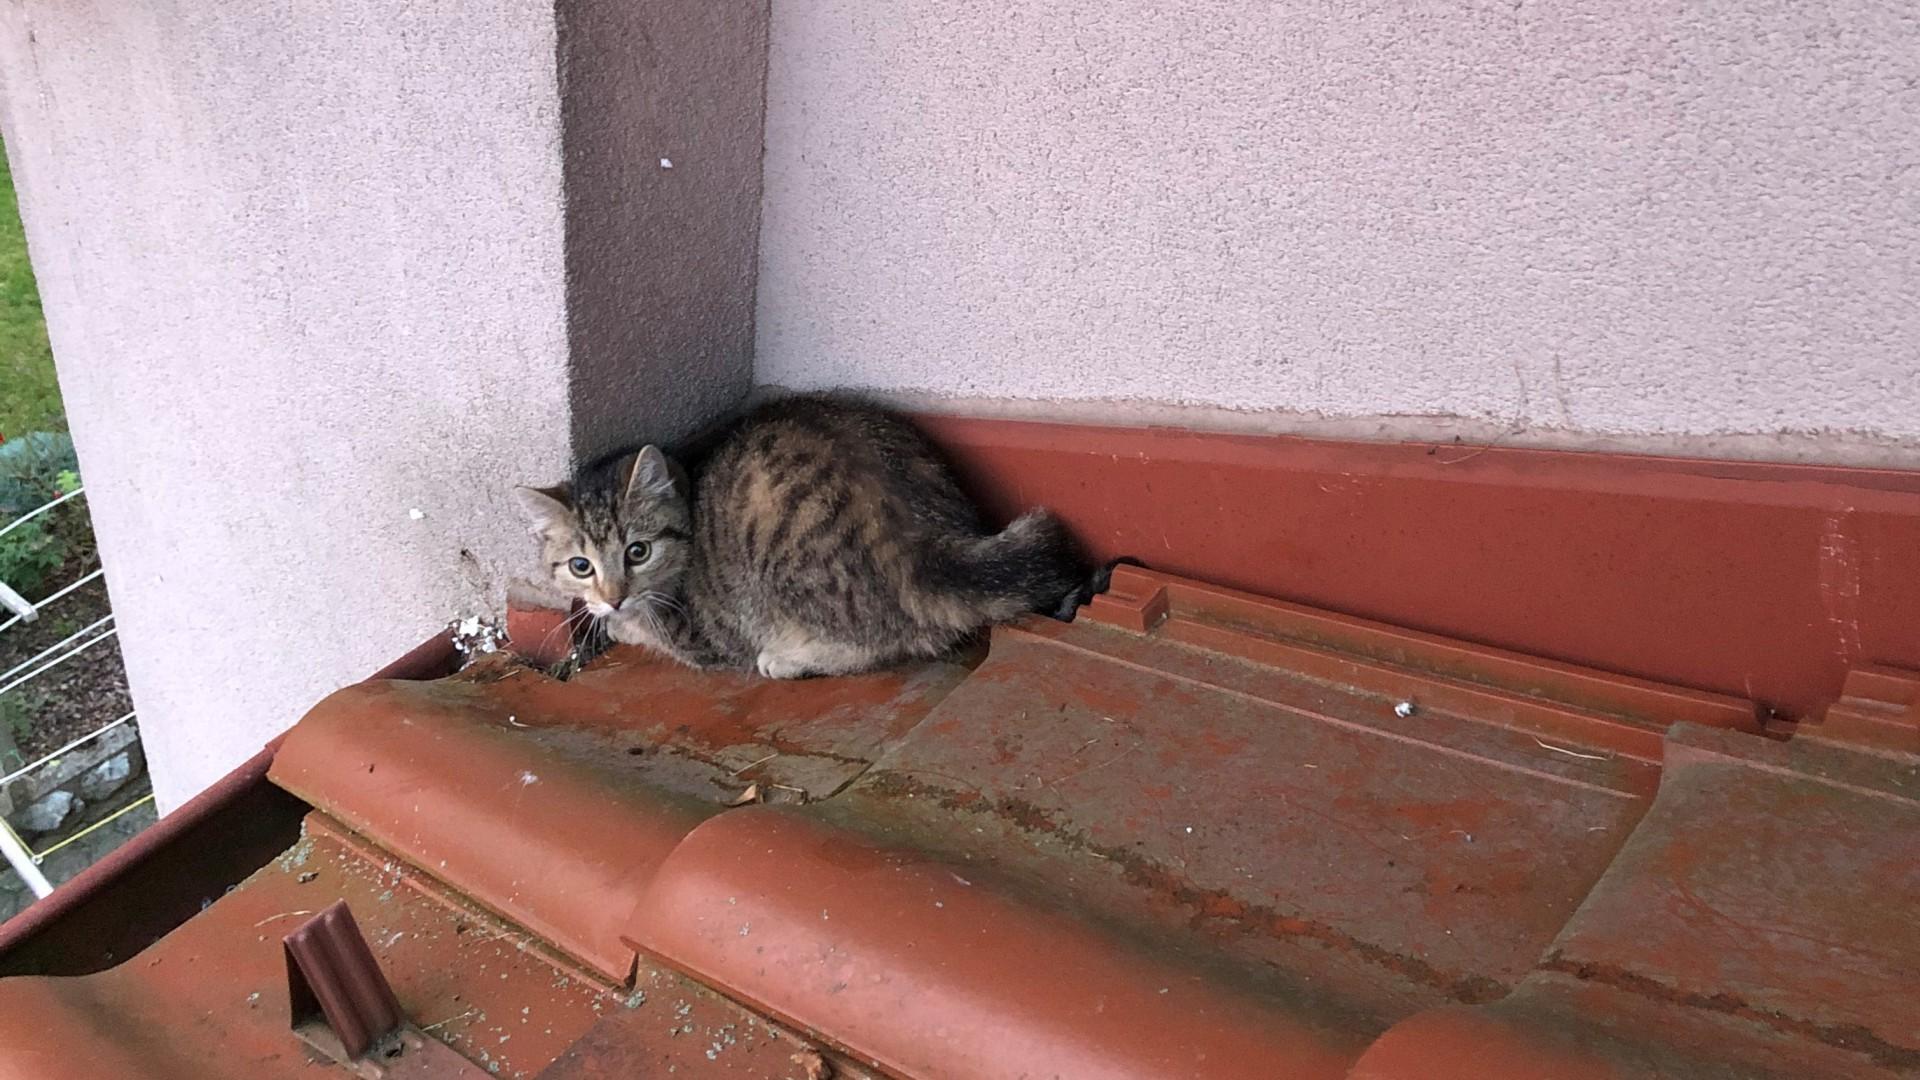 Reševanje levčka (mucka) iz strehe